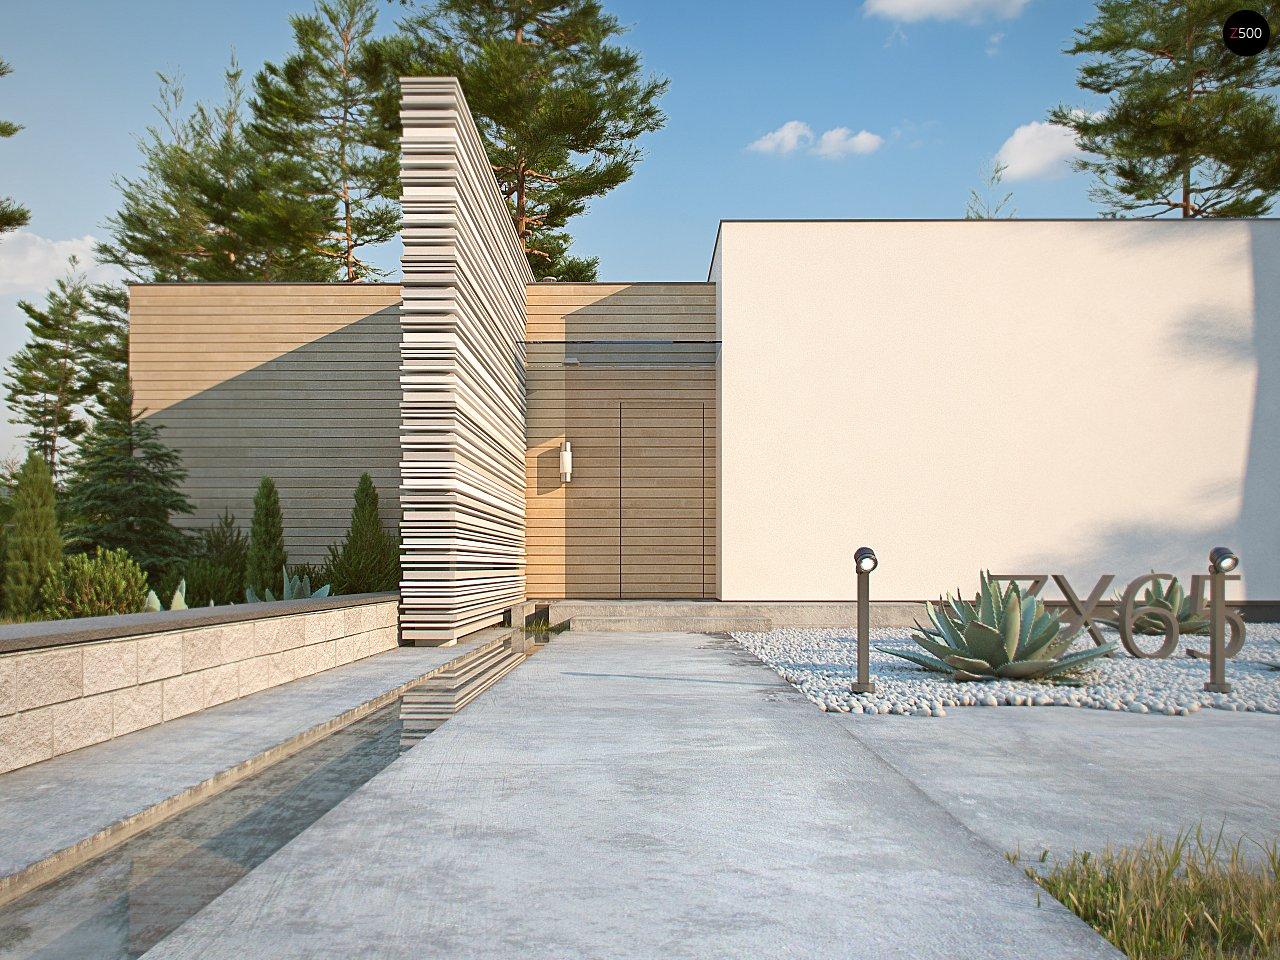 Одноэтажный дом в стиле хай-тек с плоской кровлей и большой площадью остекления. 3